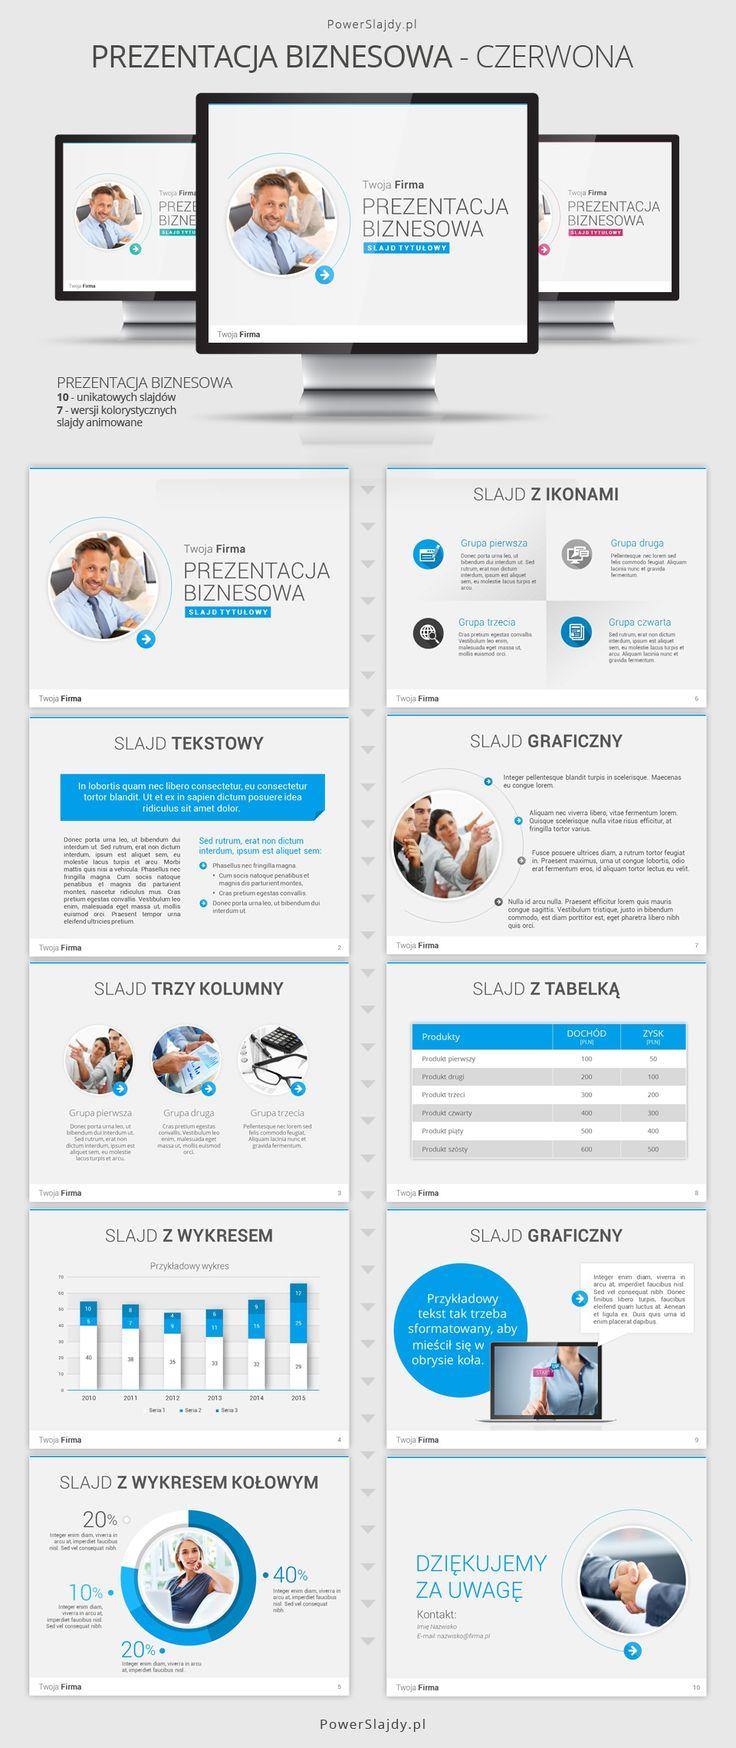 Prezentacja Biznesowa 2 w Power Point http://www.powerslajdy.pl/pl/p/Prezentacja-biznesowa-2/86